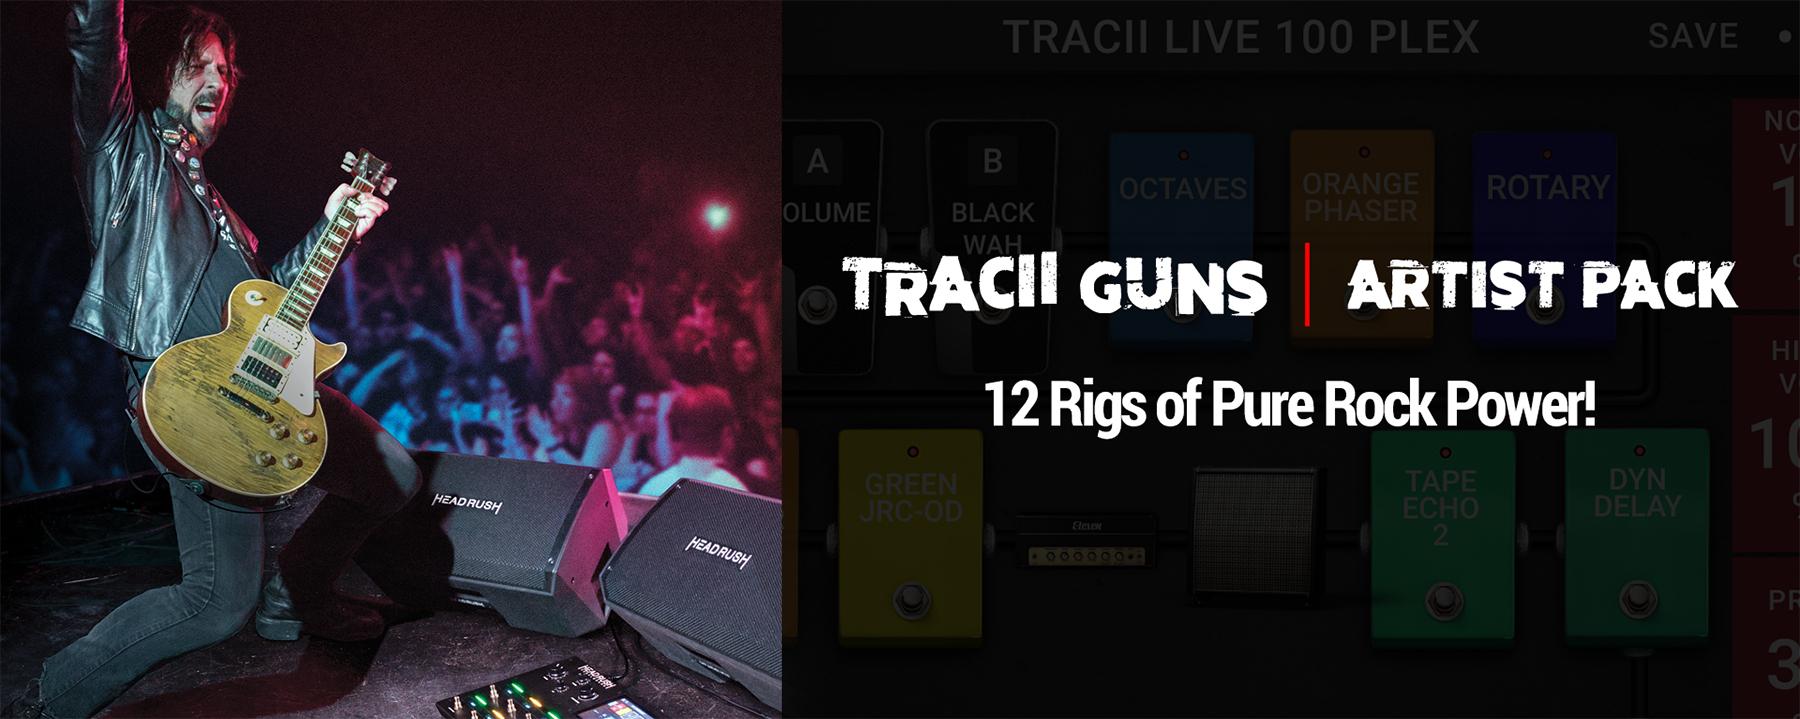 News: Tracii Guns Artist Pack für das HeadRush Pedalboard erhältlich